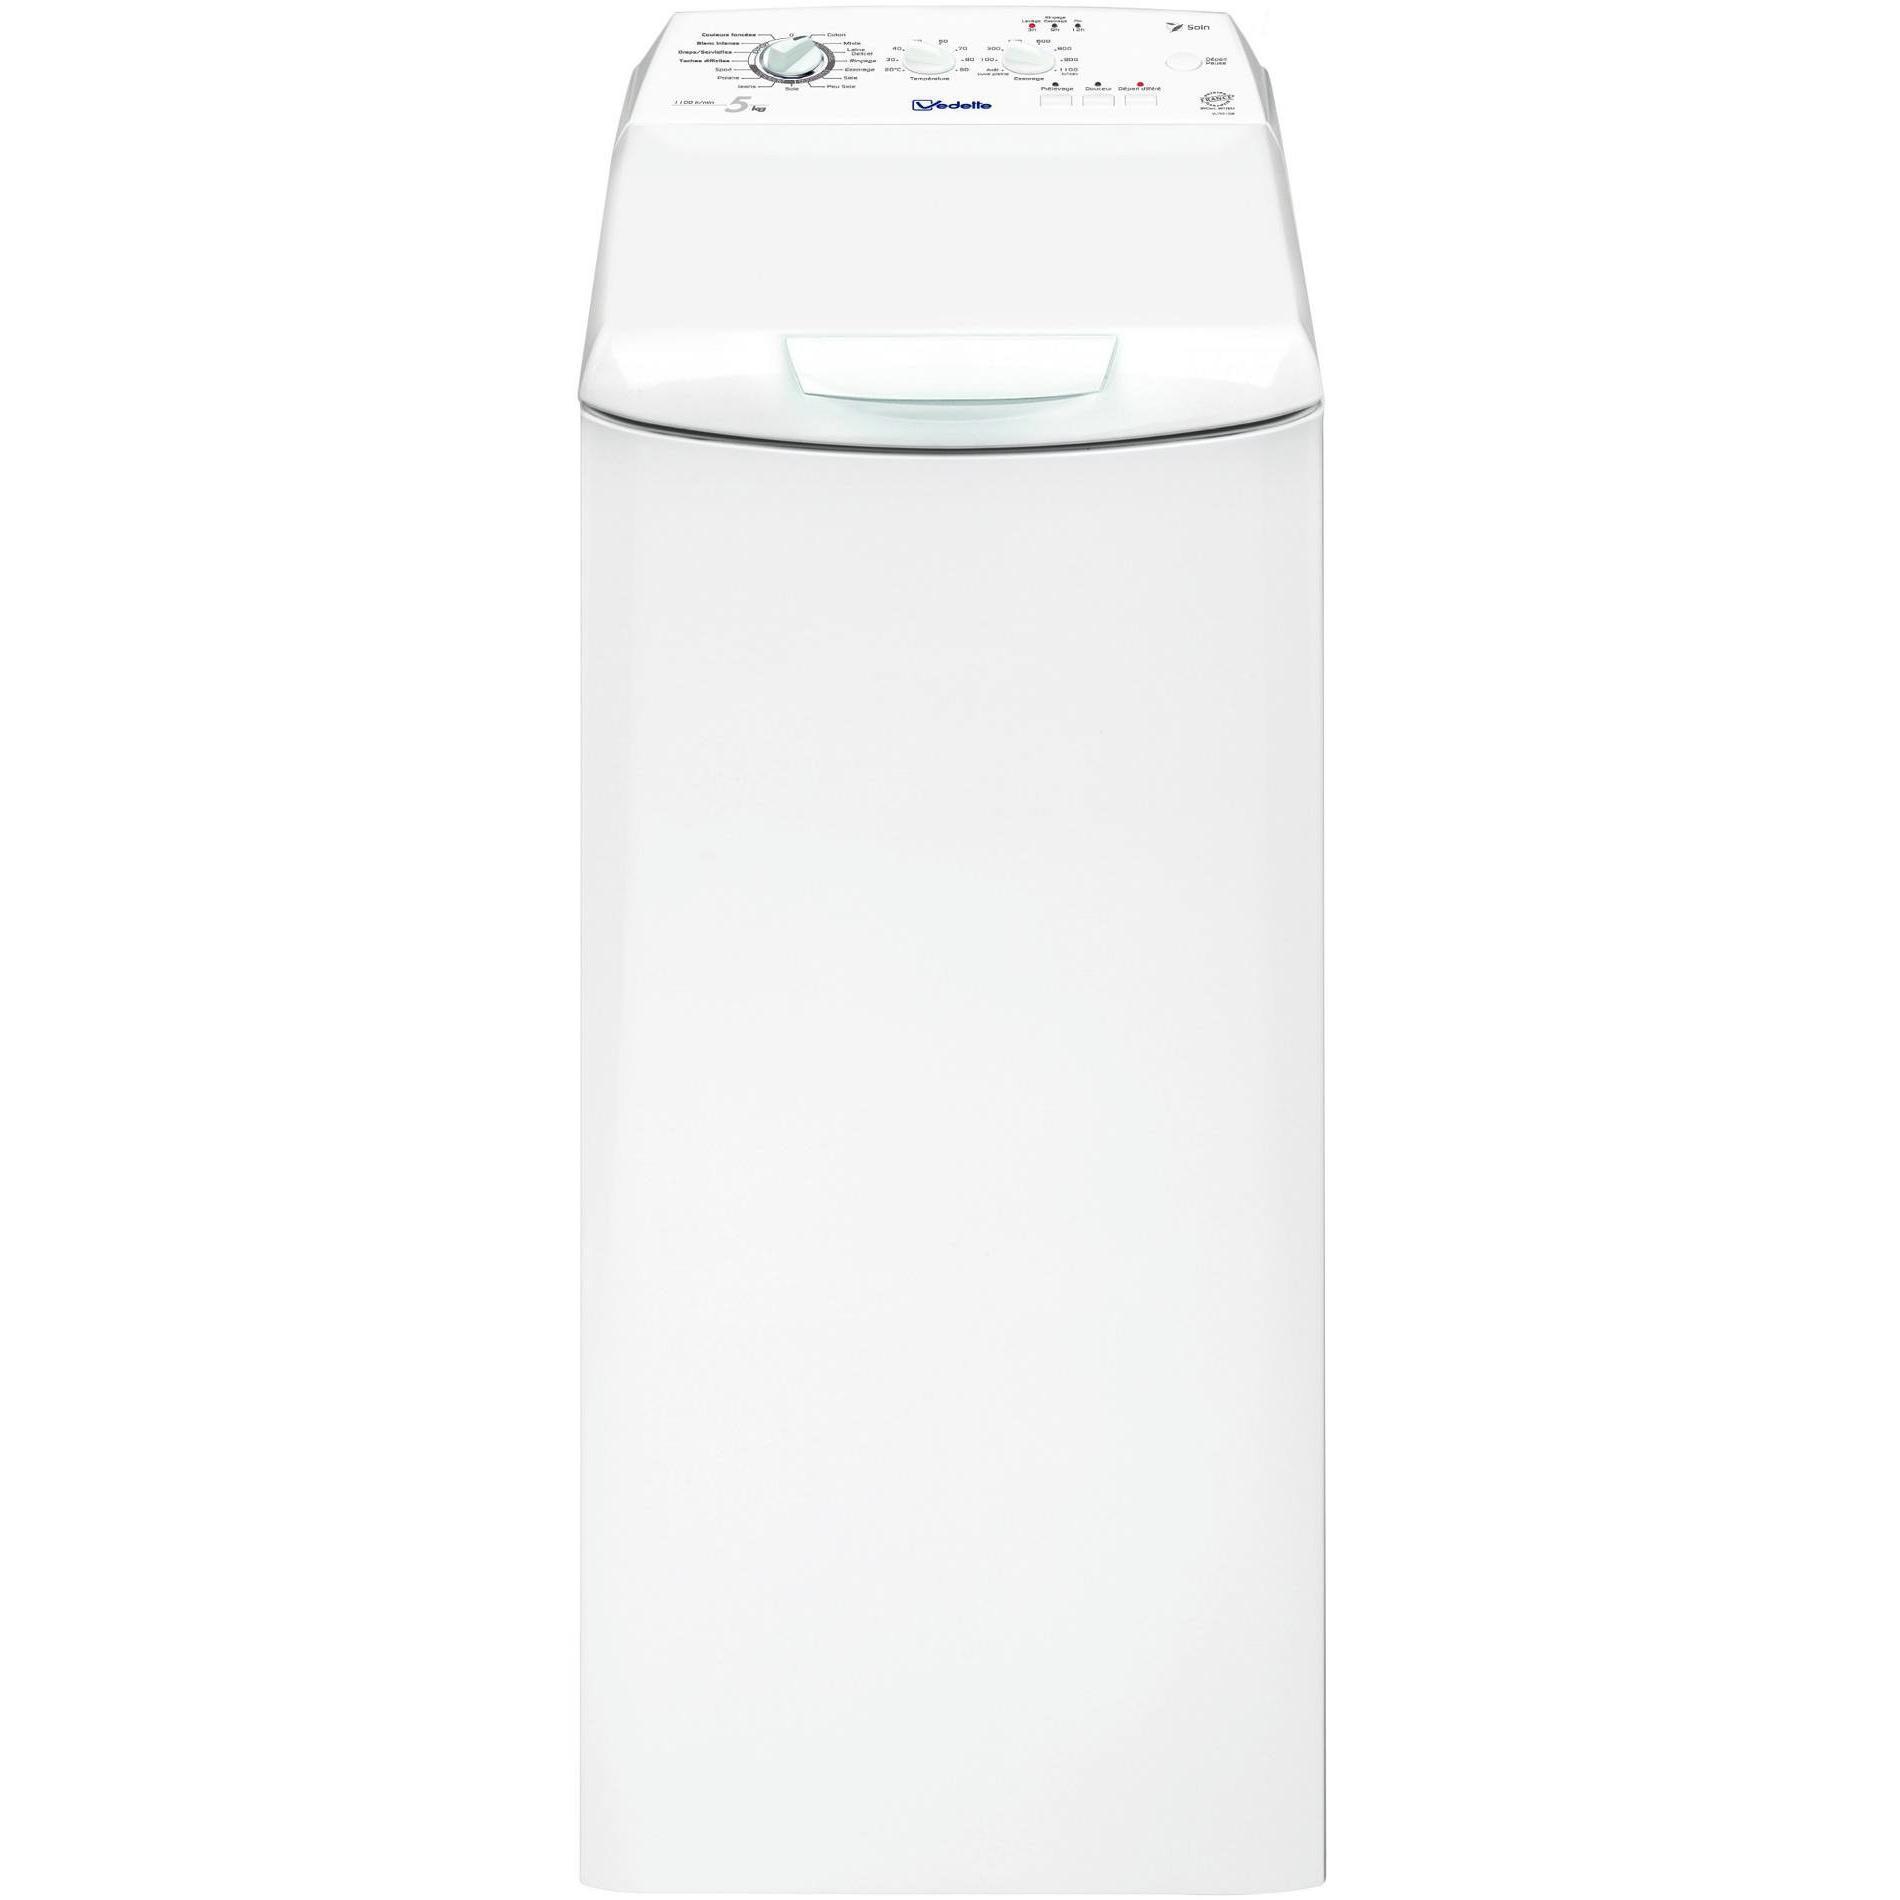 Lave-linge - Vedette - VLT5210W